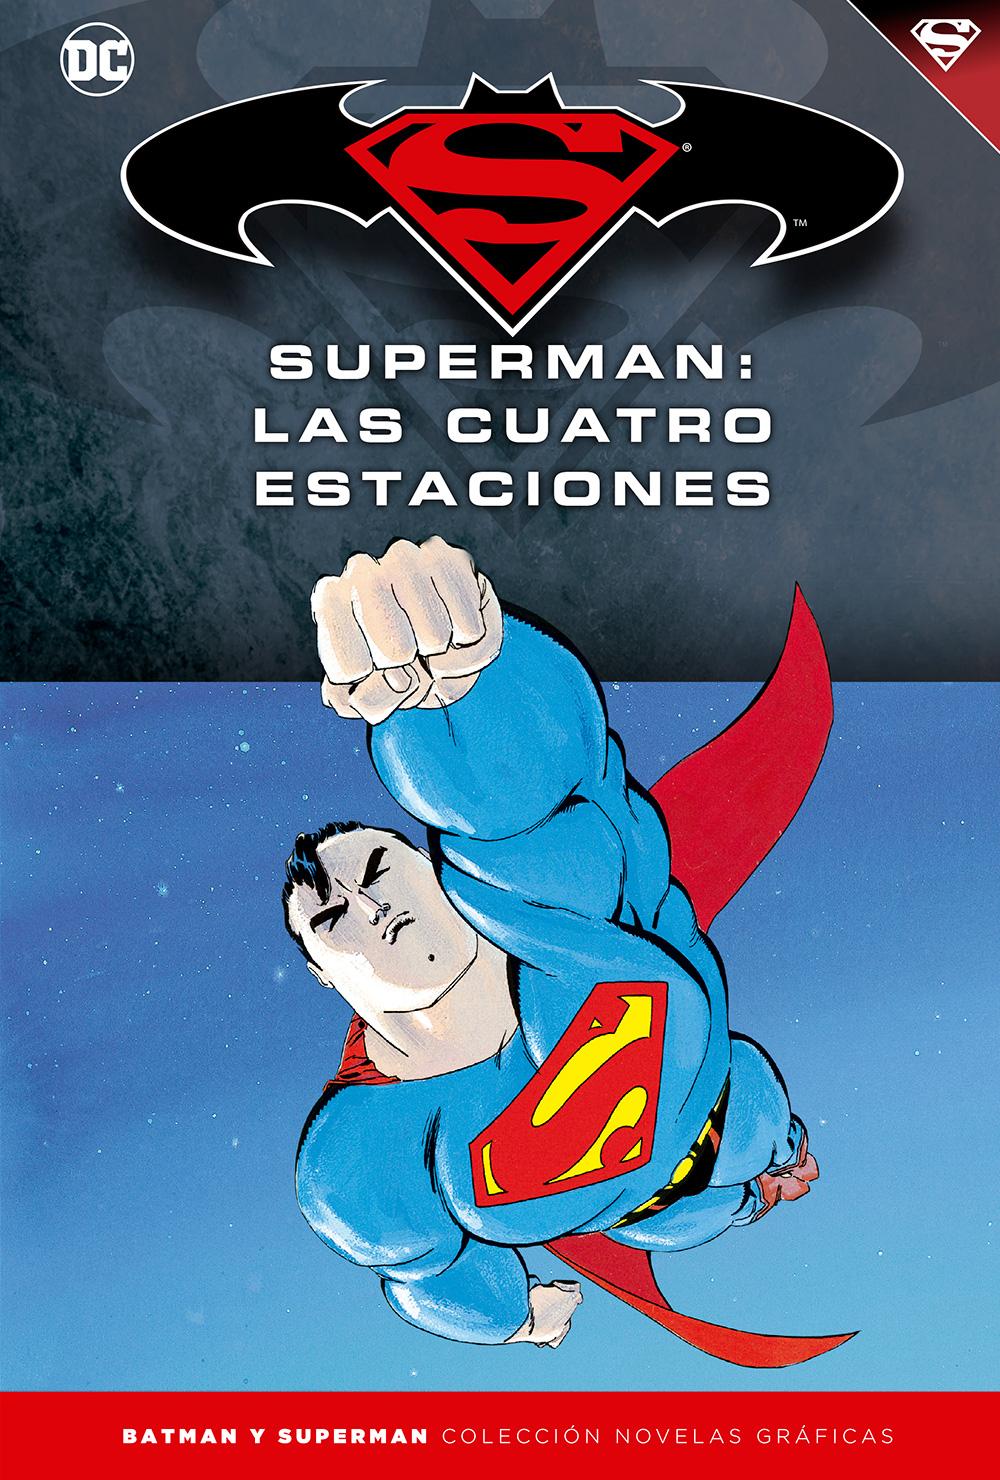 [DC - Salvat] Batman y Superman: Colección Novelas Gráficas - Página 9 Portada_BMSM_17_Superman_las_cuatro-estaciones